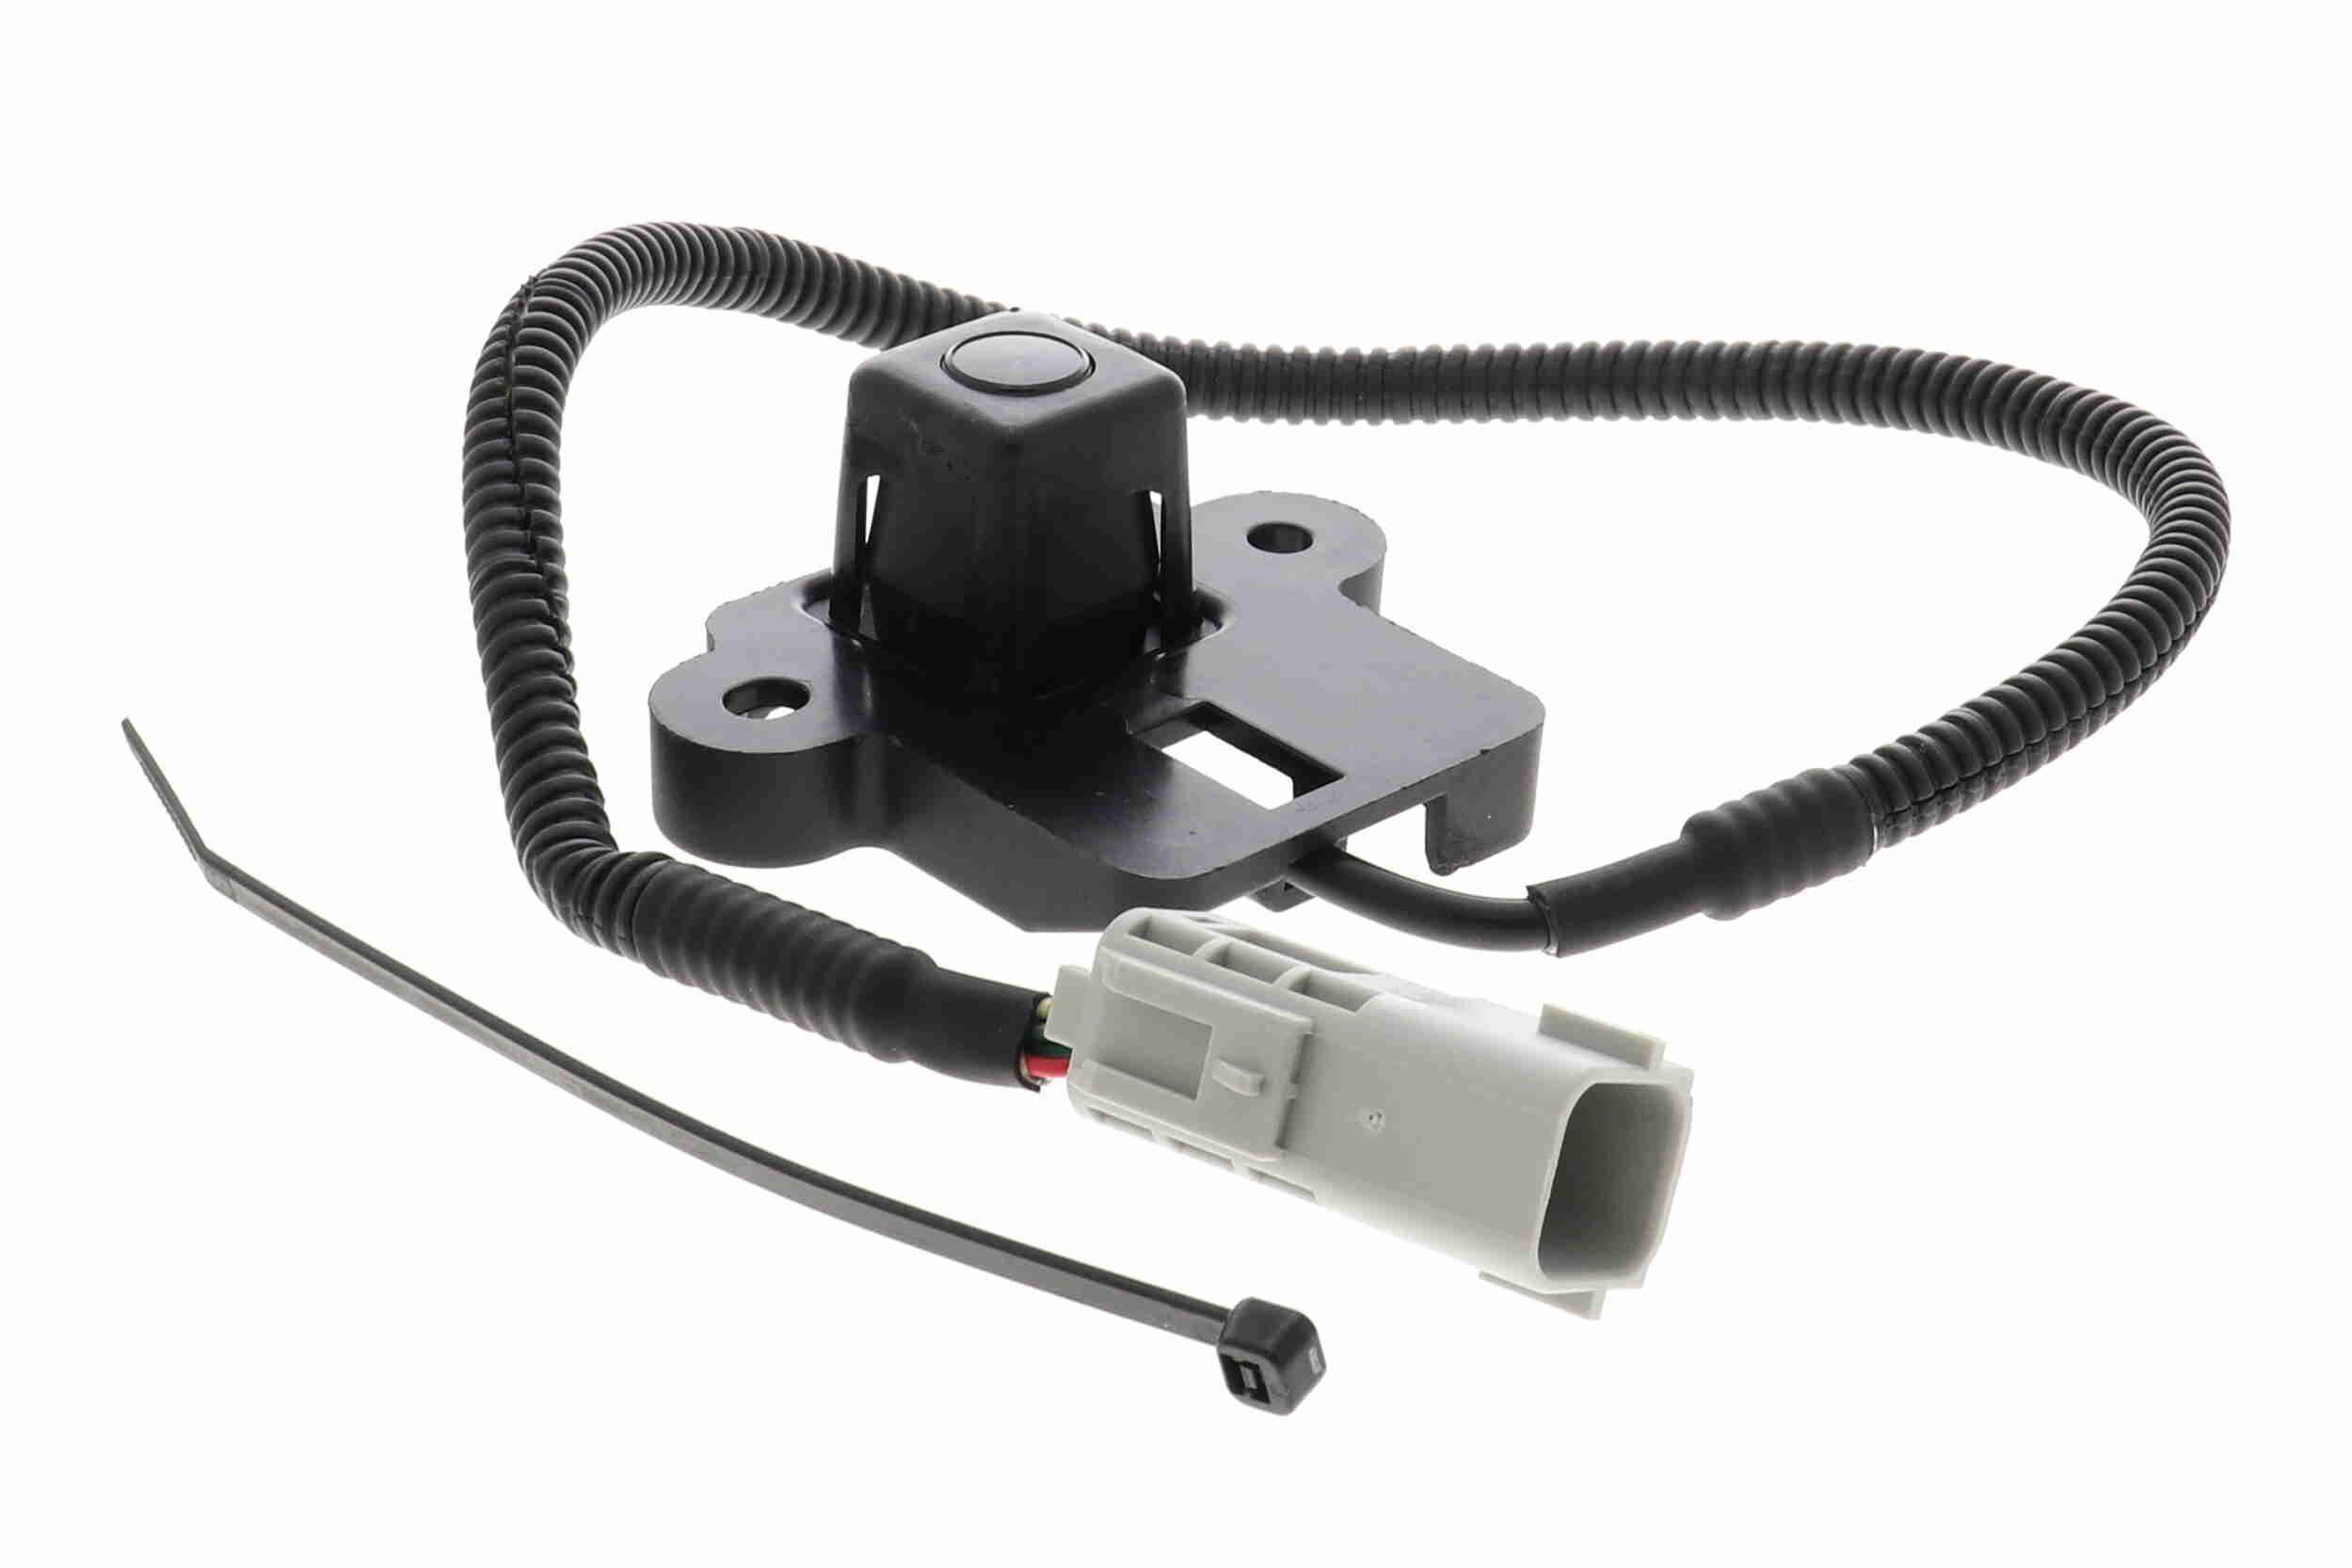 V51-74-0008 Achteruitrijcamera Original VEMO kwaliteit van VEMO aan lage prijzen – bestel nu!